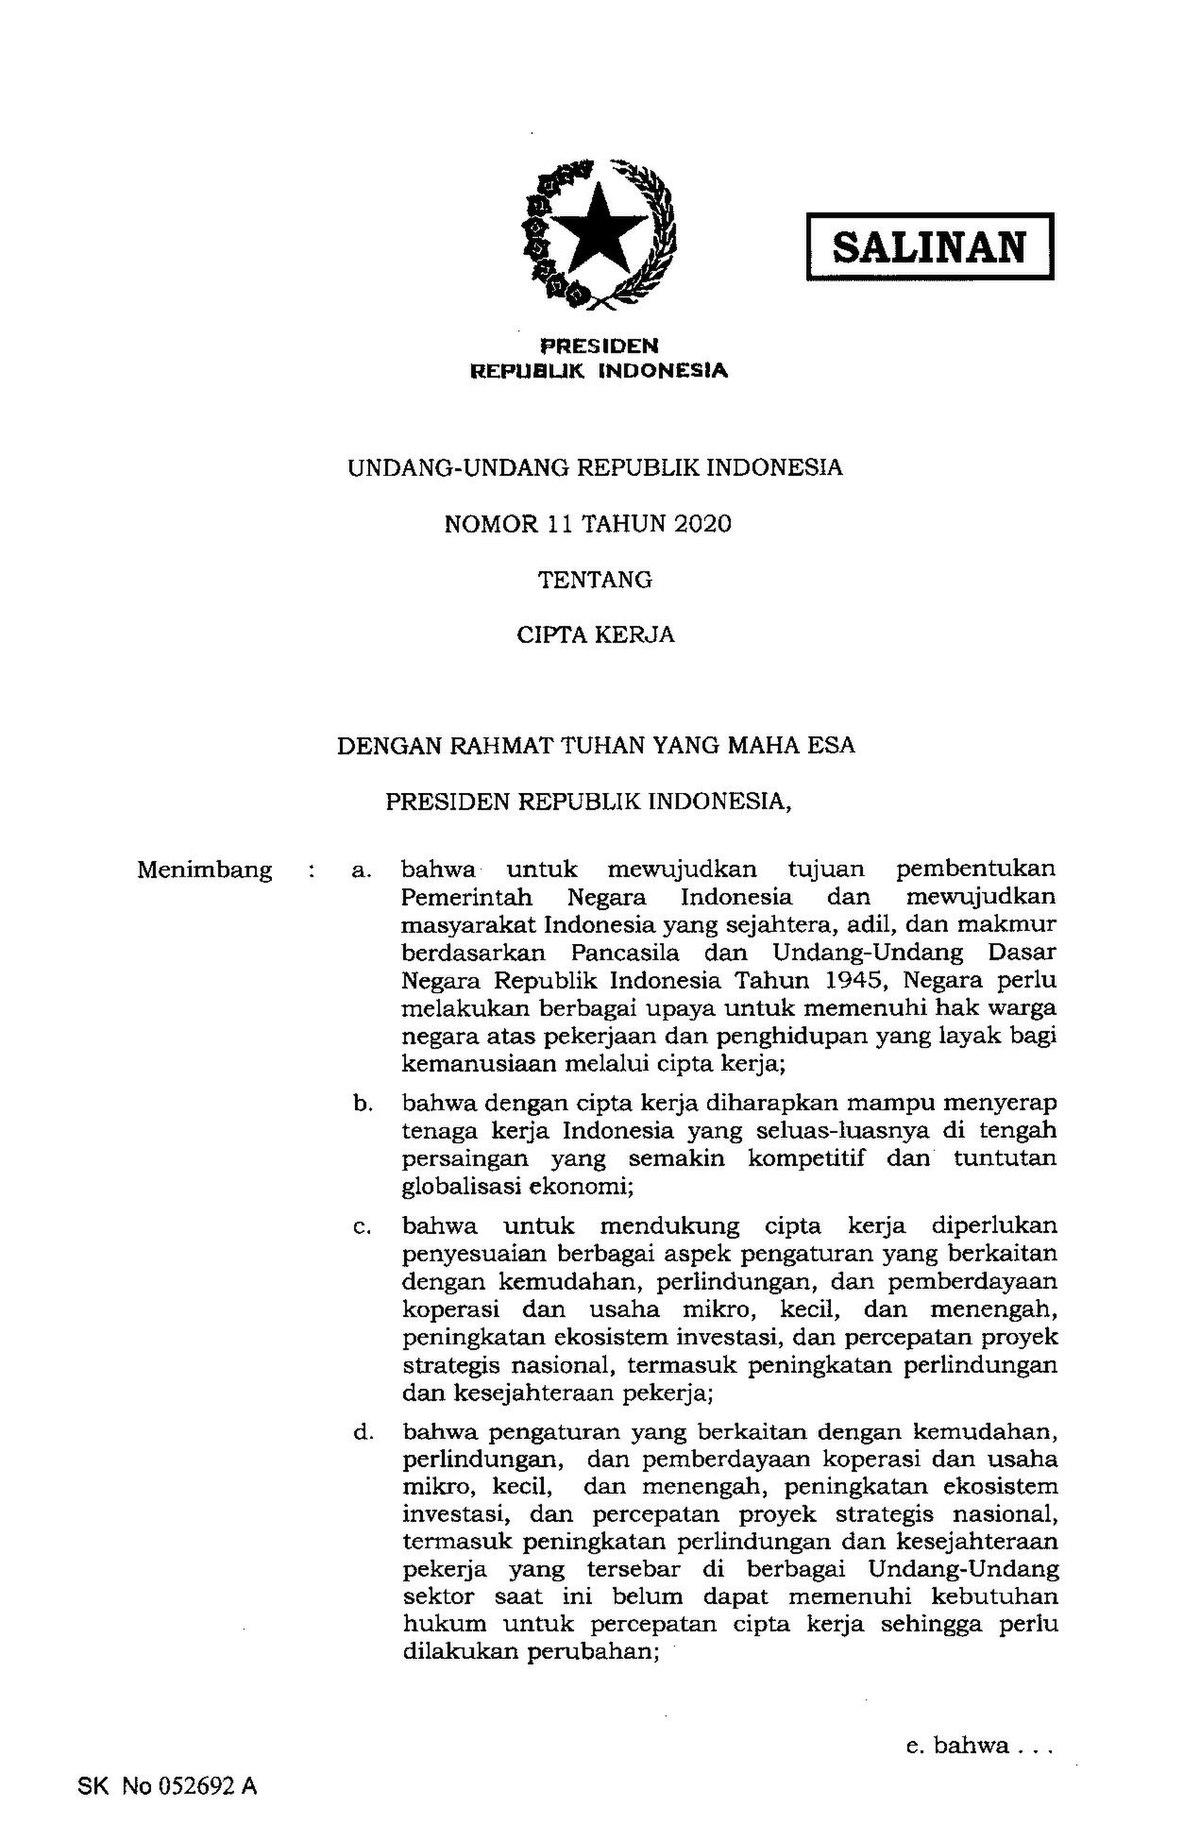 Berkas Uu Nomor 11 Tahun 2020 Tentang Cipta Kerja Pdf Wikipedia Bahasa Indonesia Ensiklopedia Bebas